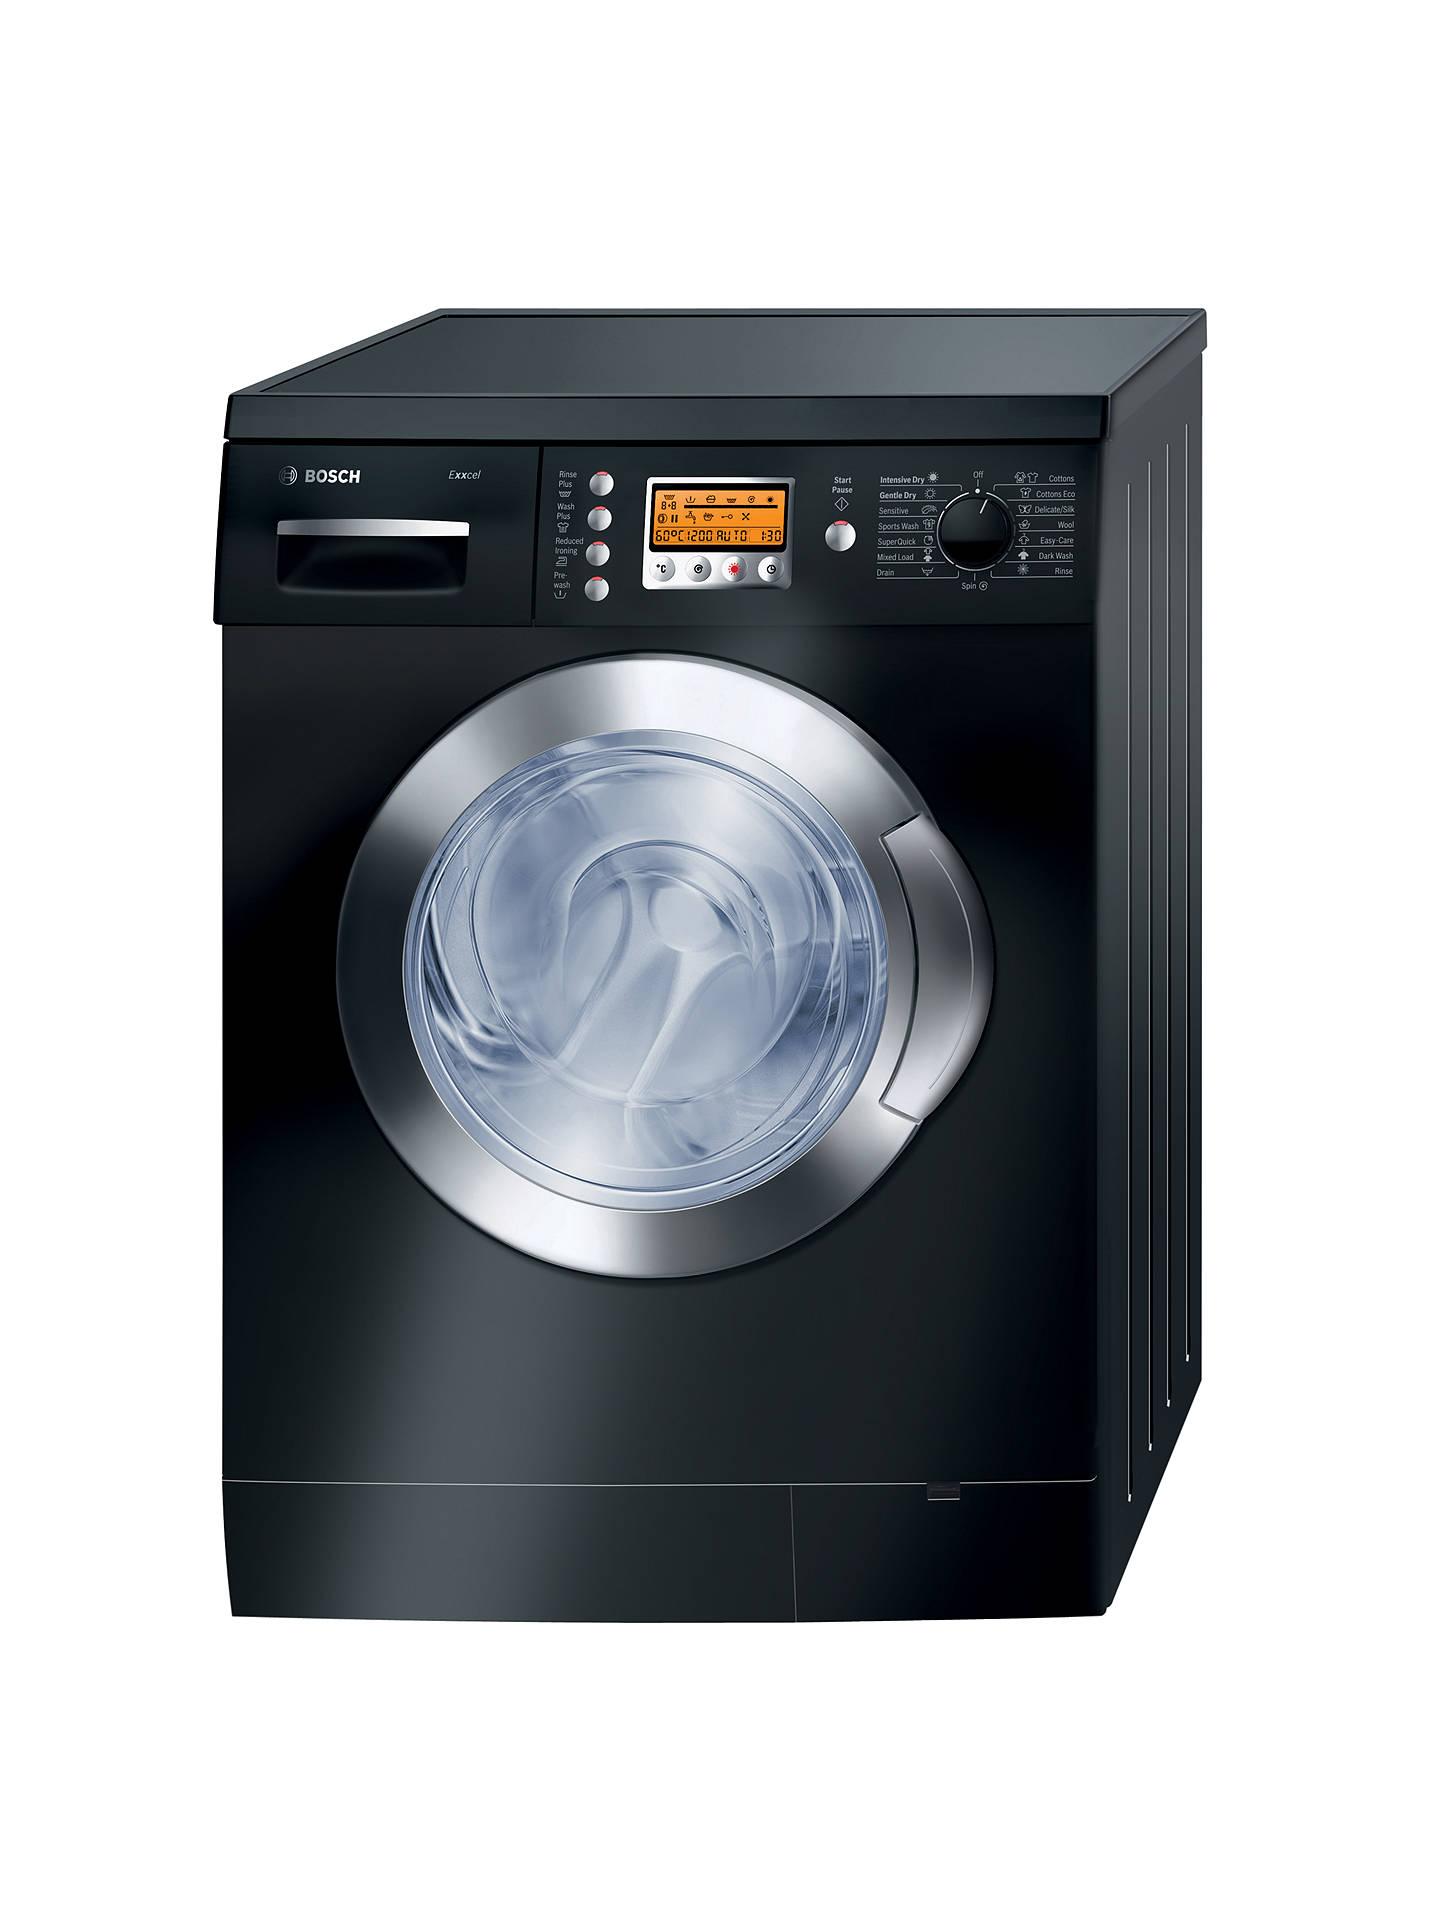 Bosch Ecel Wvd2452bgb Washer Dryer 5kg Wash 2 Dry Load C Energy